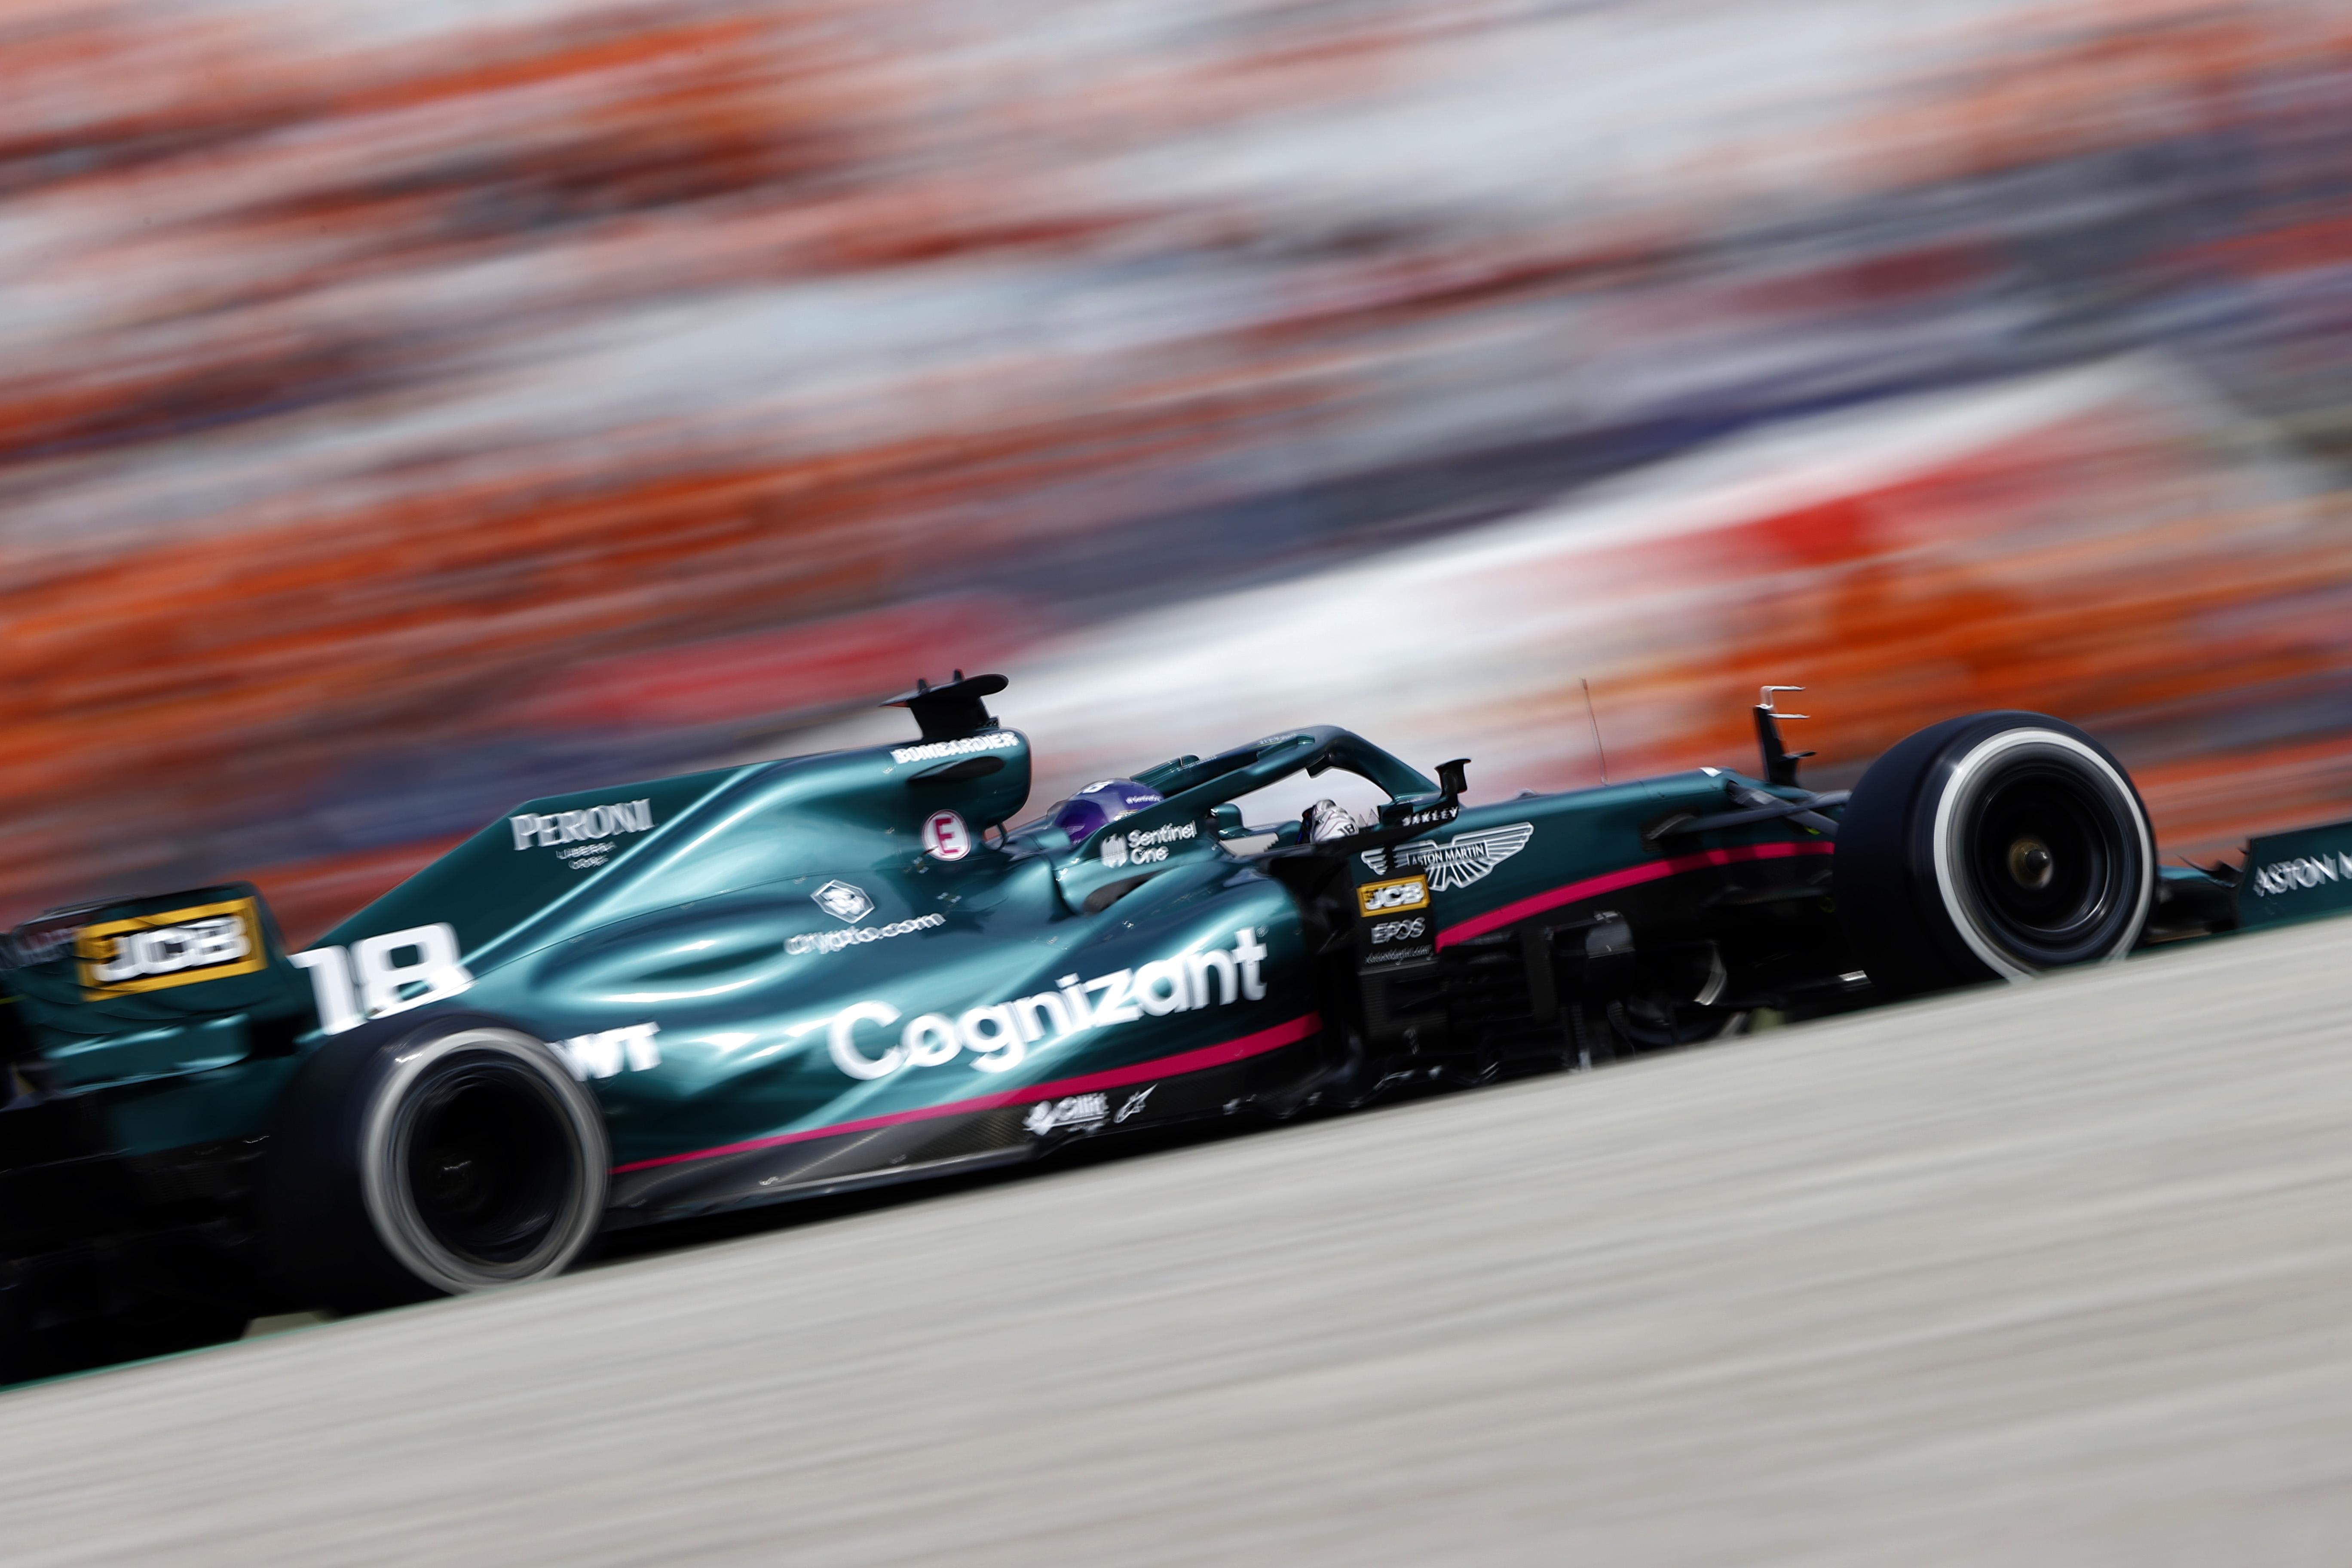 Domingo en Austria – Aston Martin termina con un resultado decepcionante